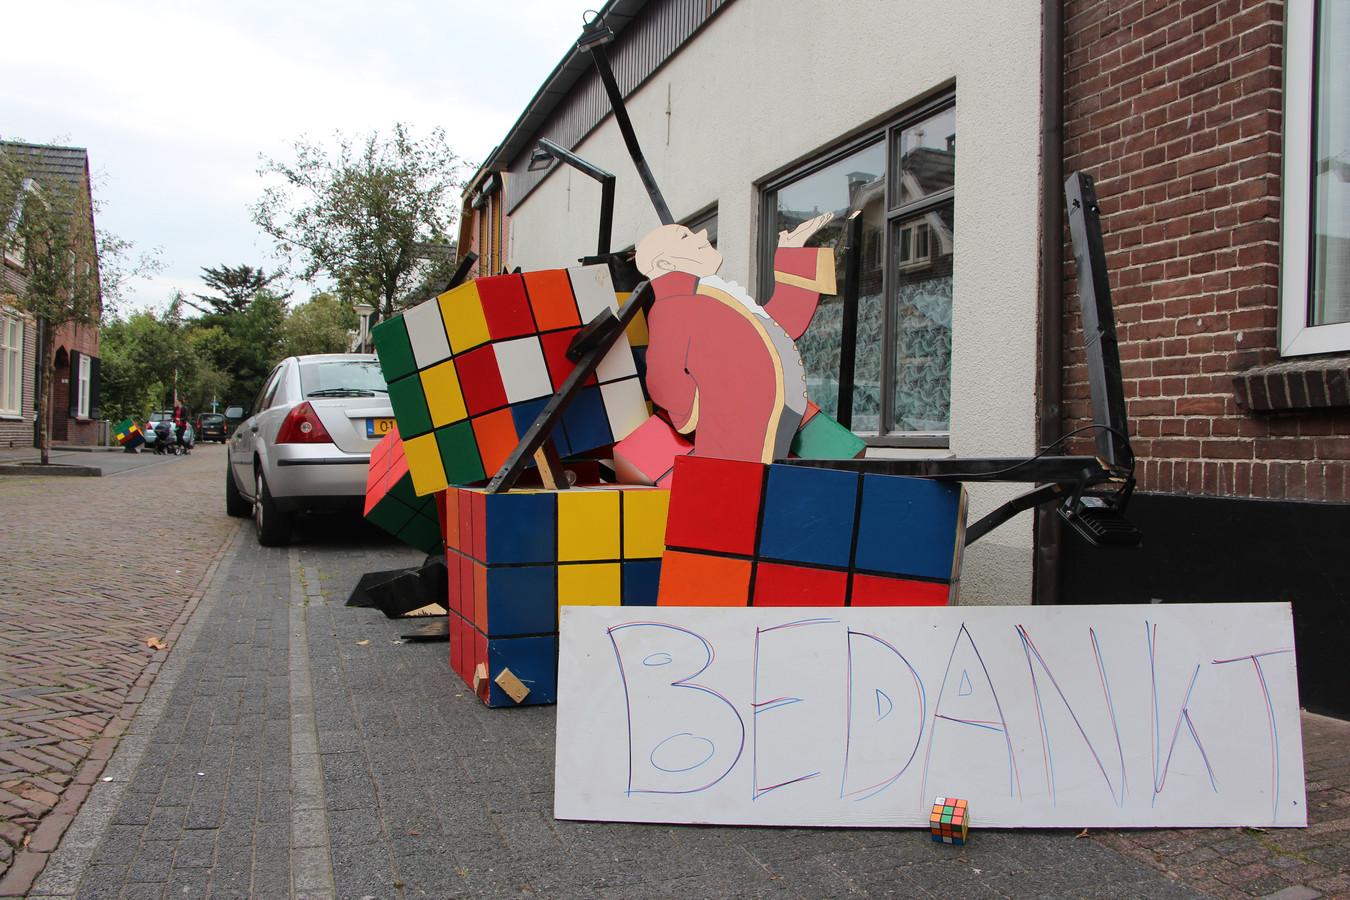 De vernielde straatversiering, met daarvoor een bord met de tekst 'Bedankt'.